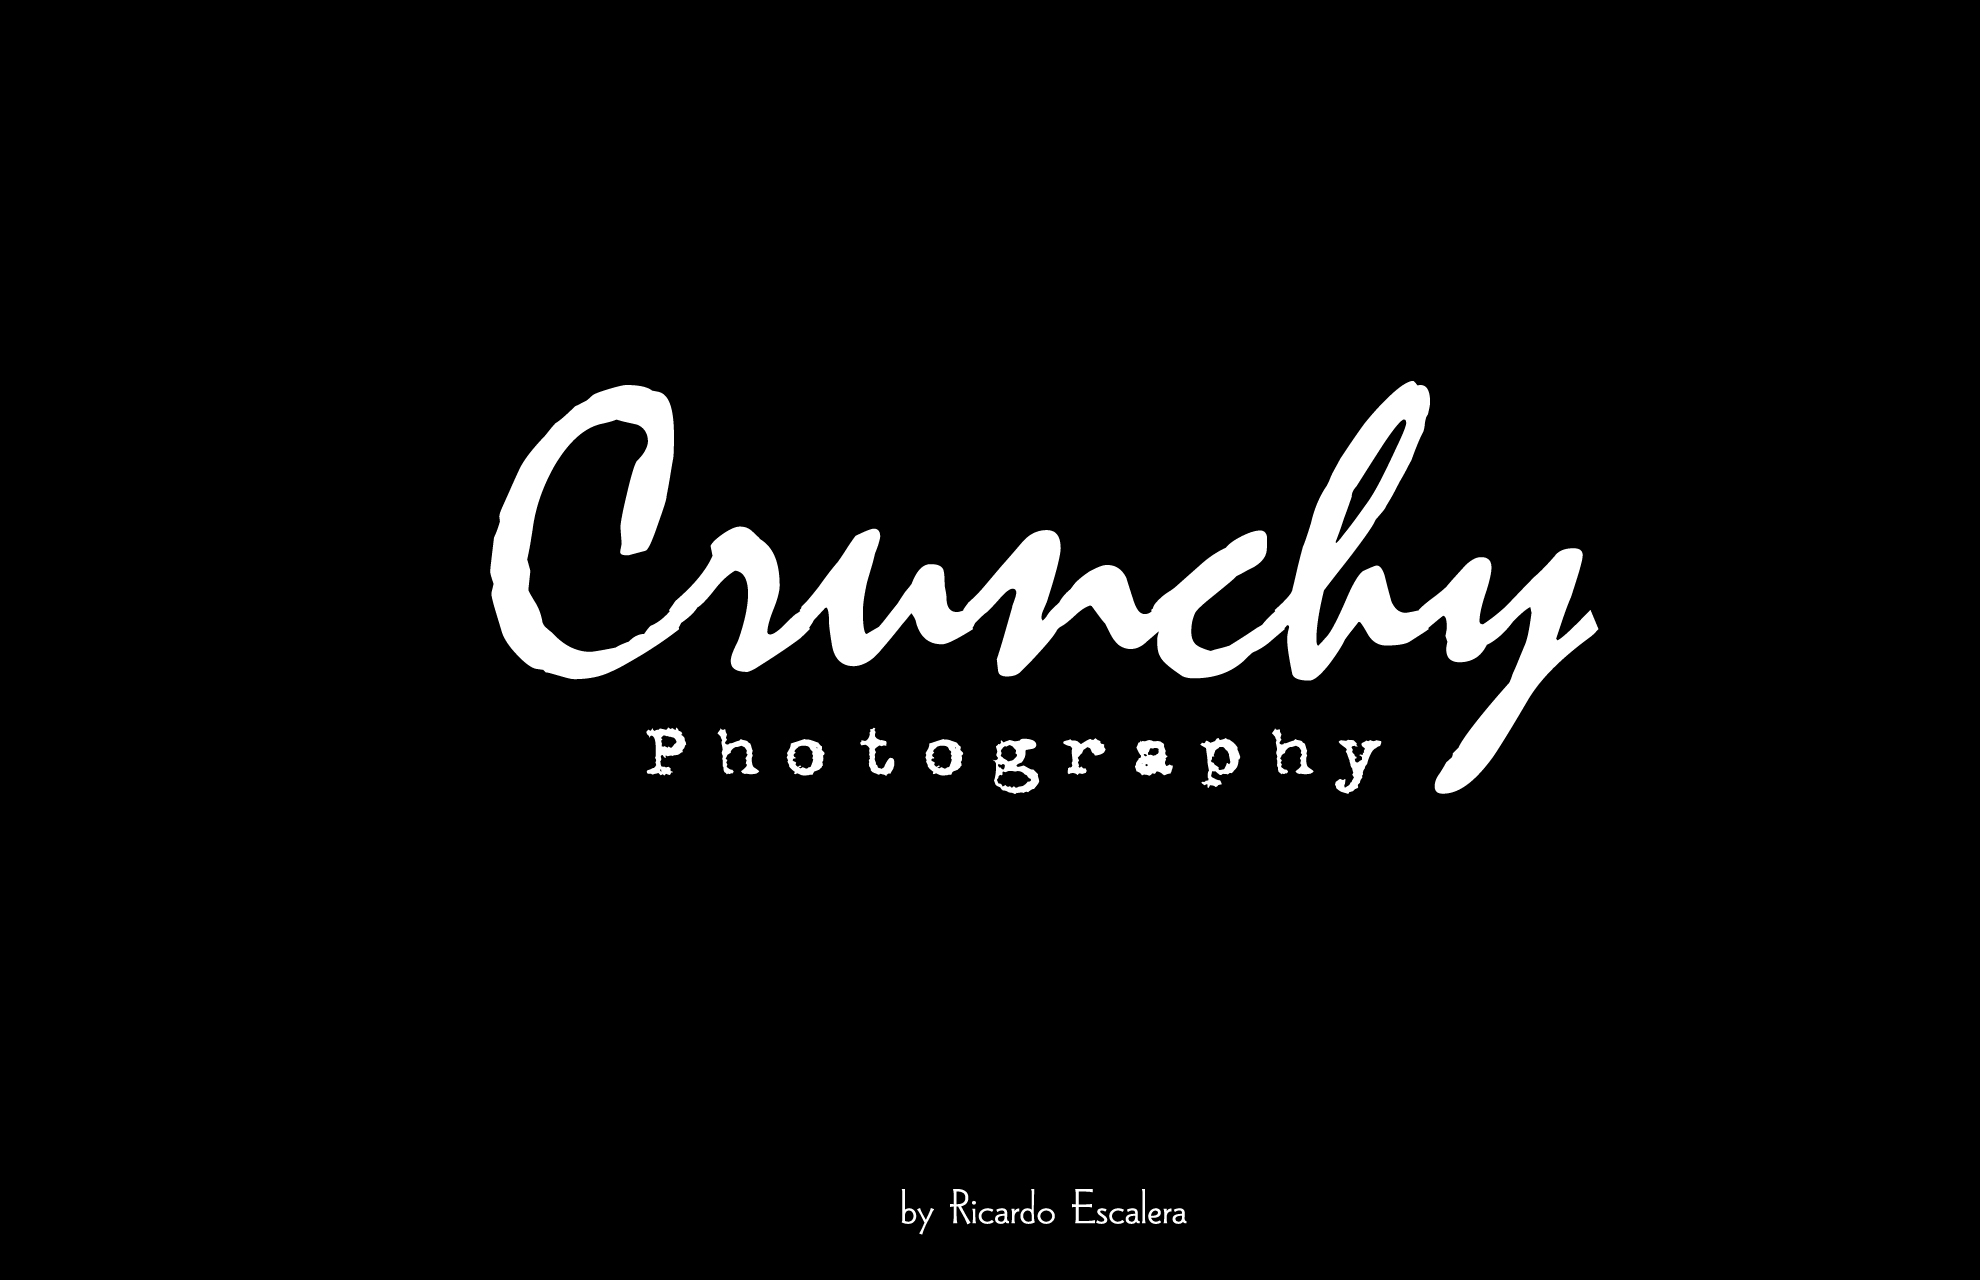 Crunchy